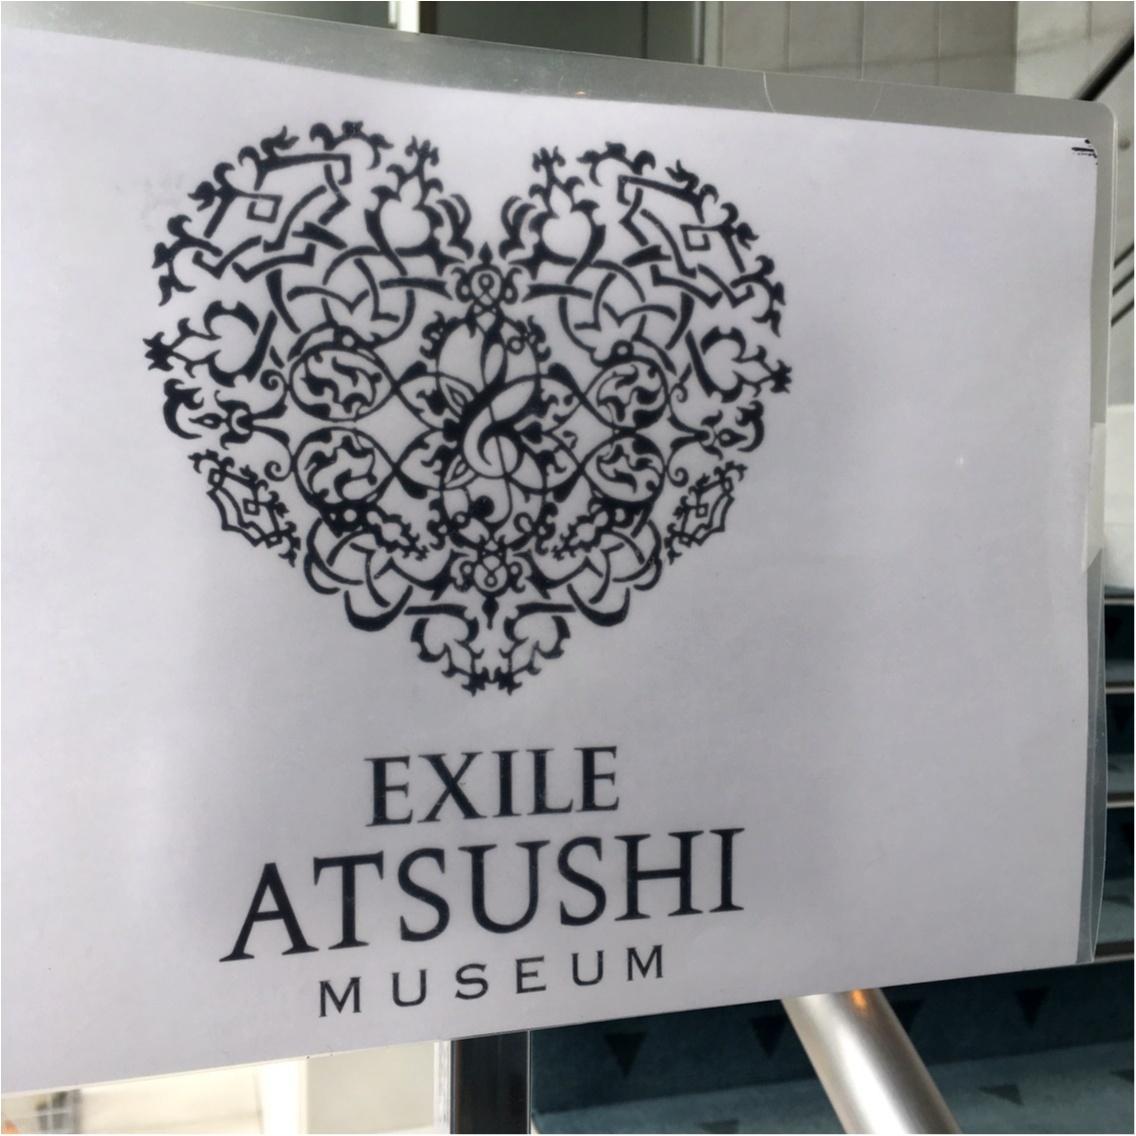 モアハピ部の中で1番[EXILE ATSUSHIさん]が大好きなのは私デス♡!!_5